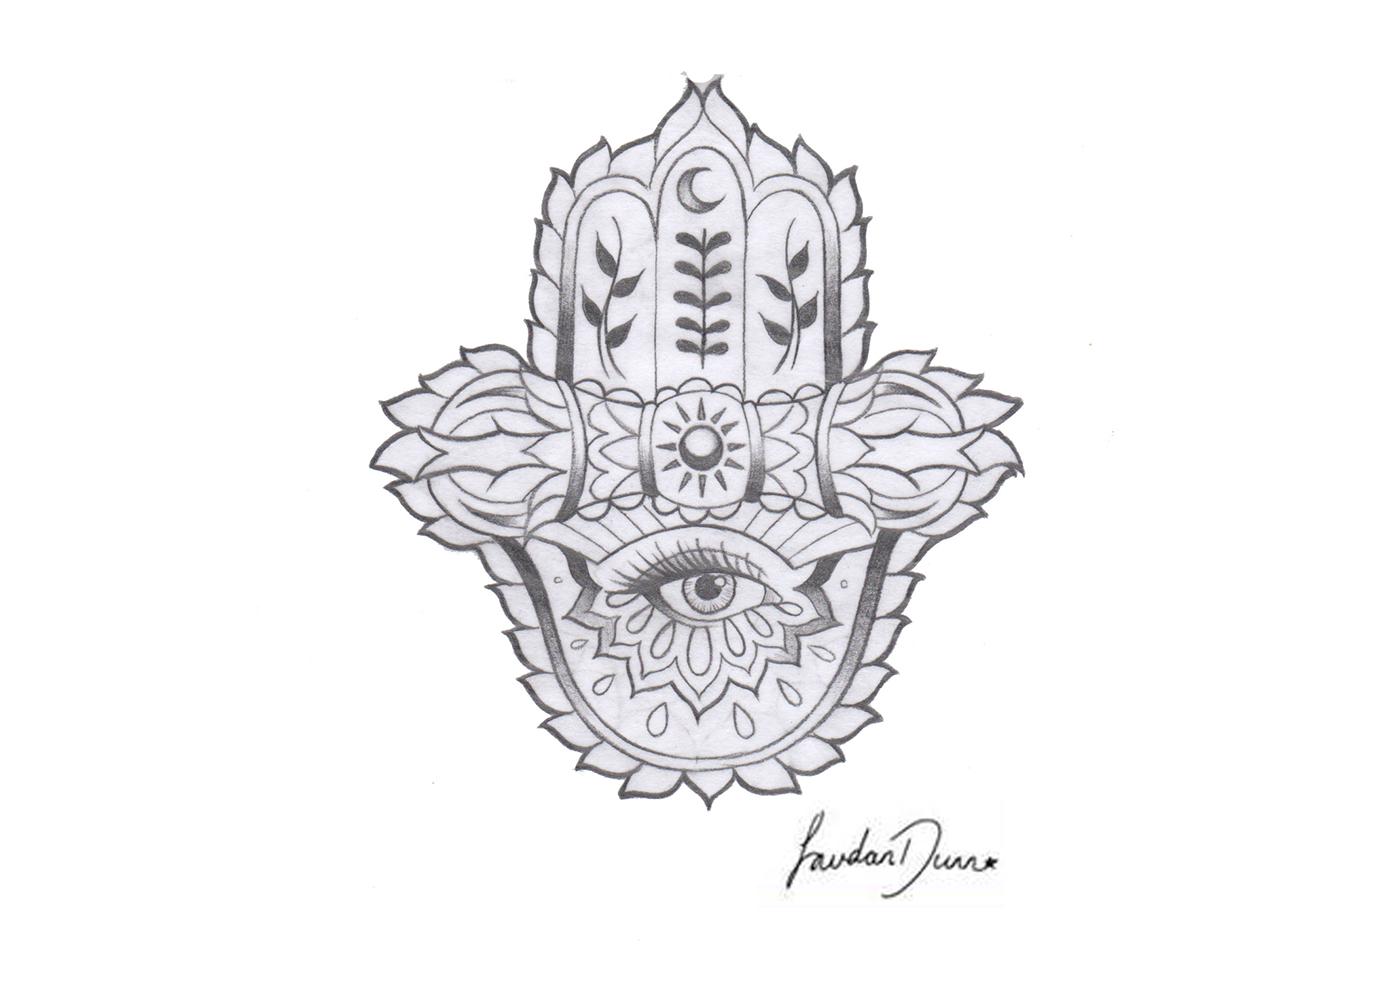 HTC INK Jourdan Dunn design_high res